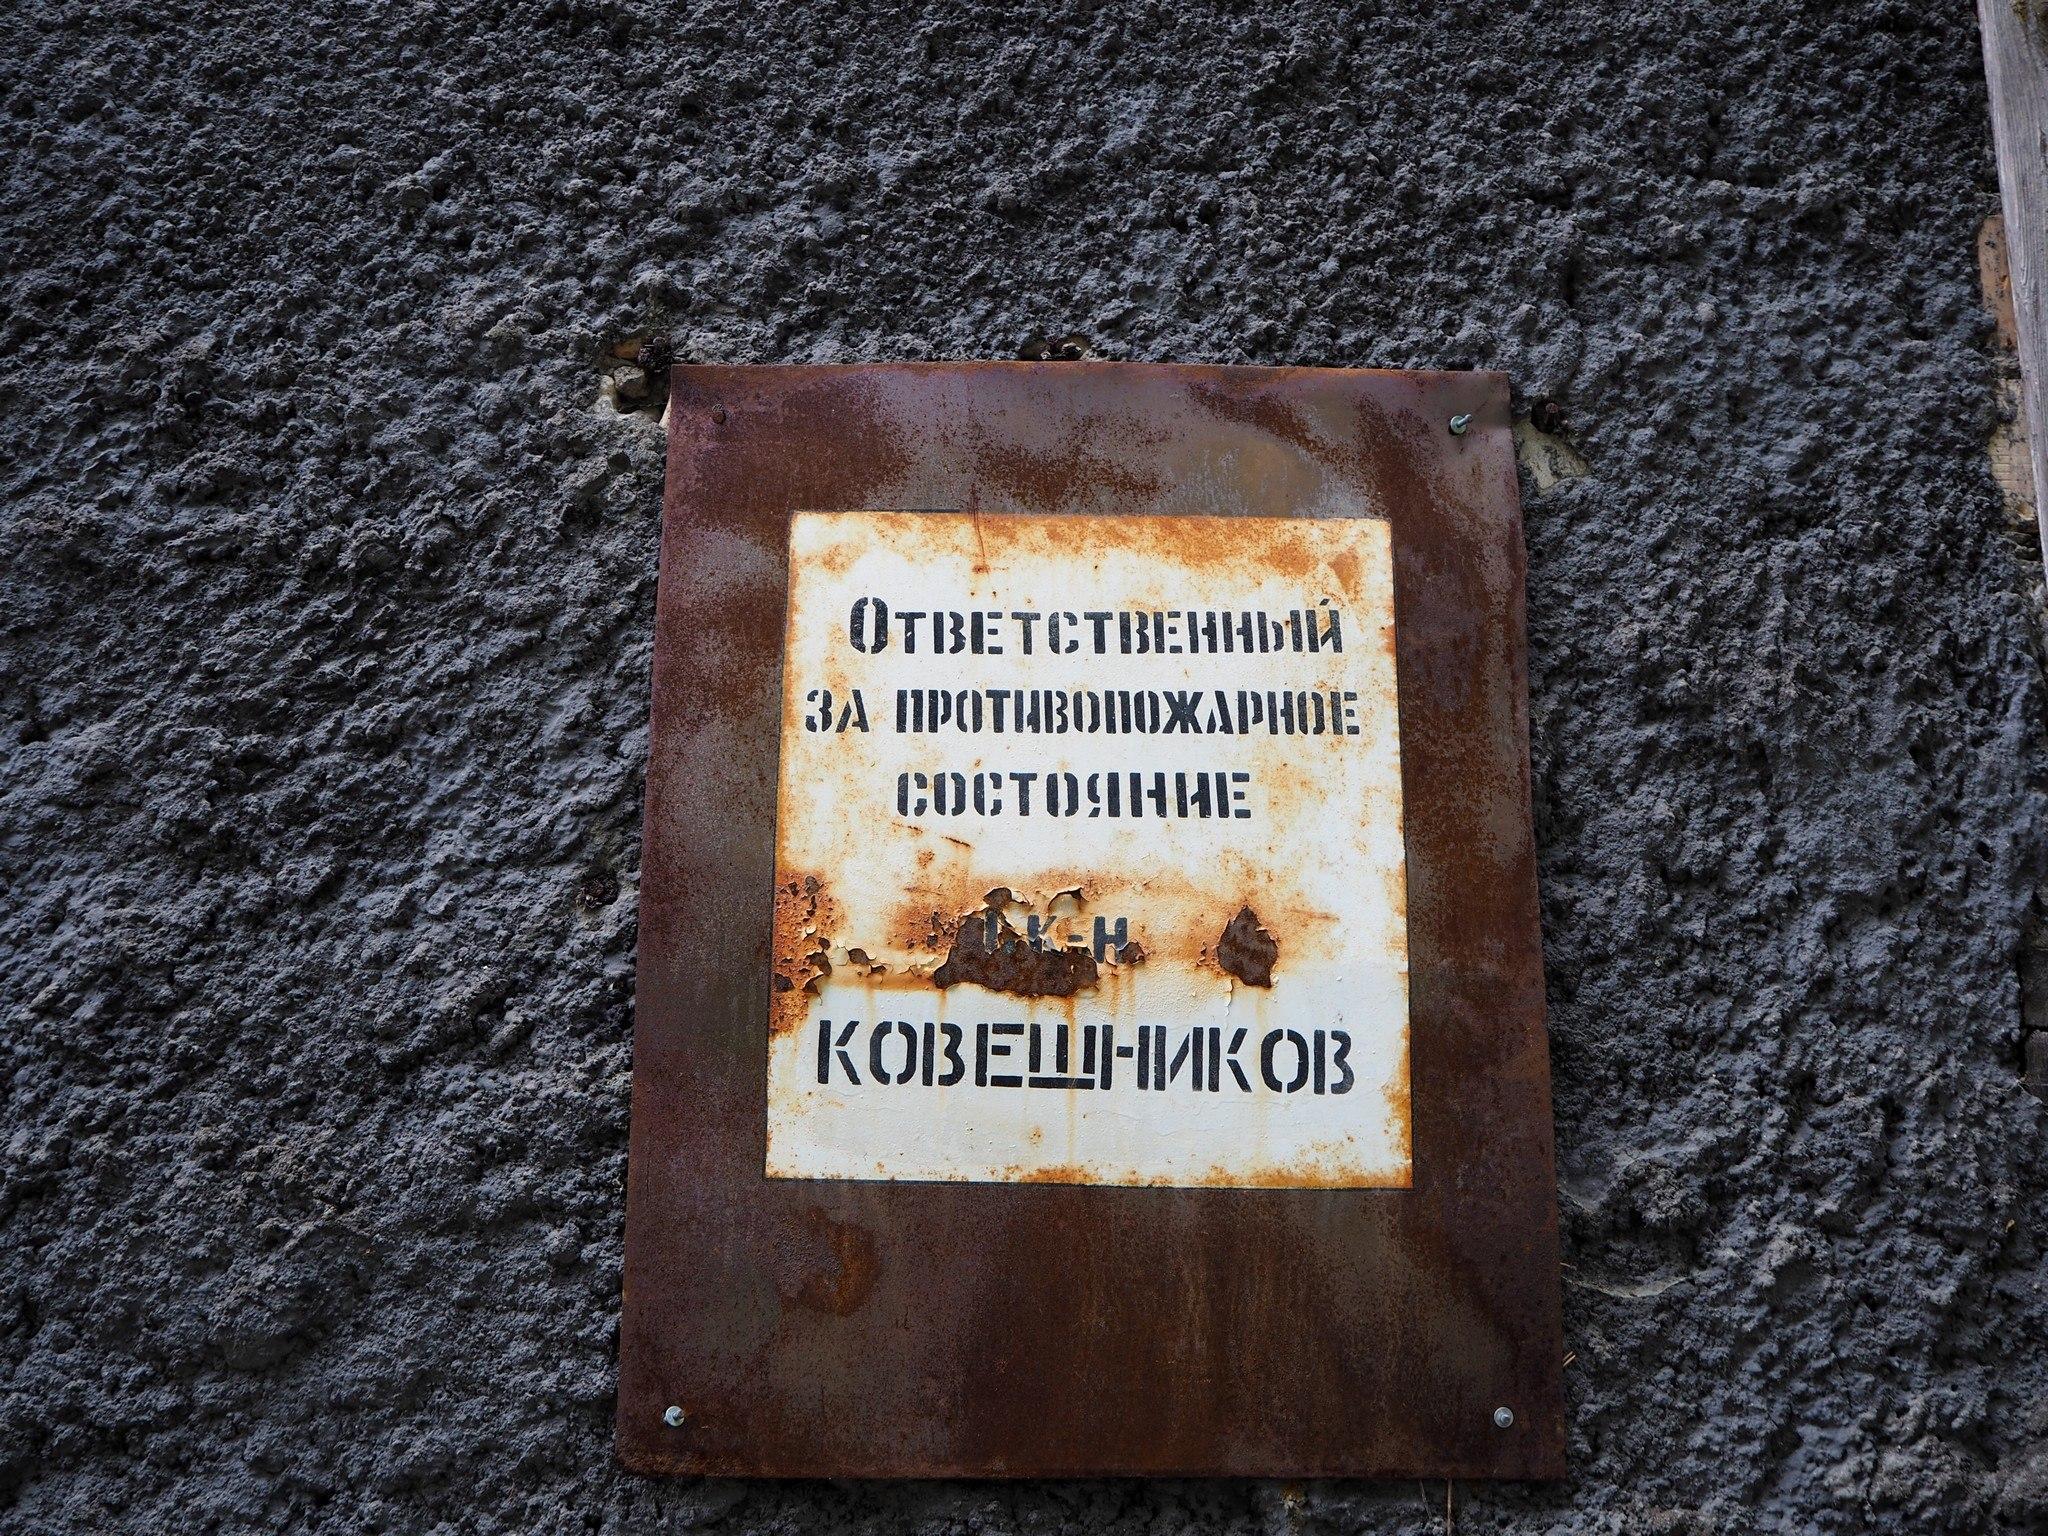 Вюнсдорф: